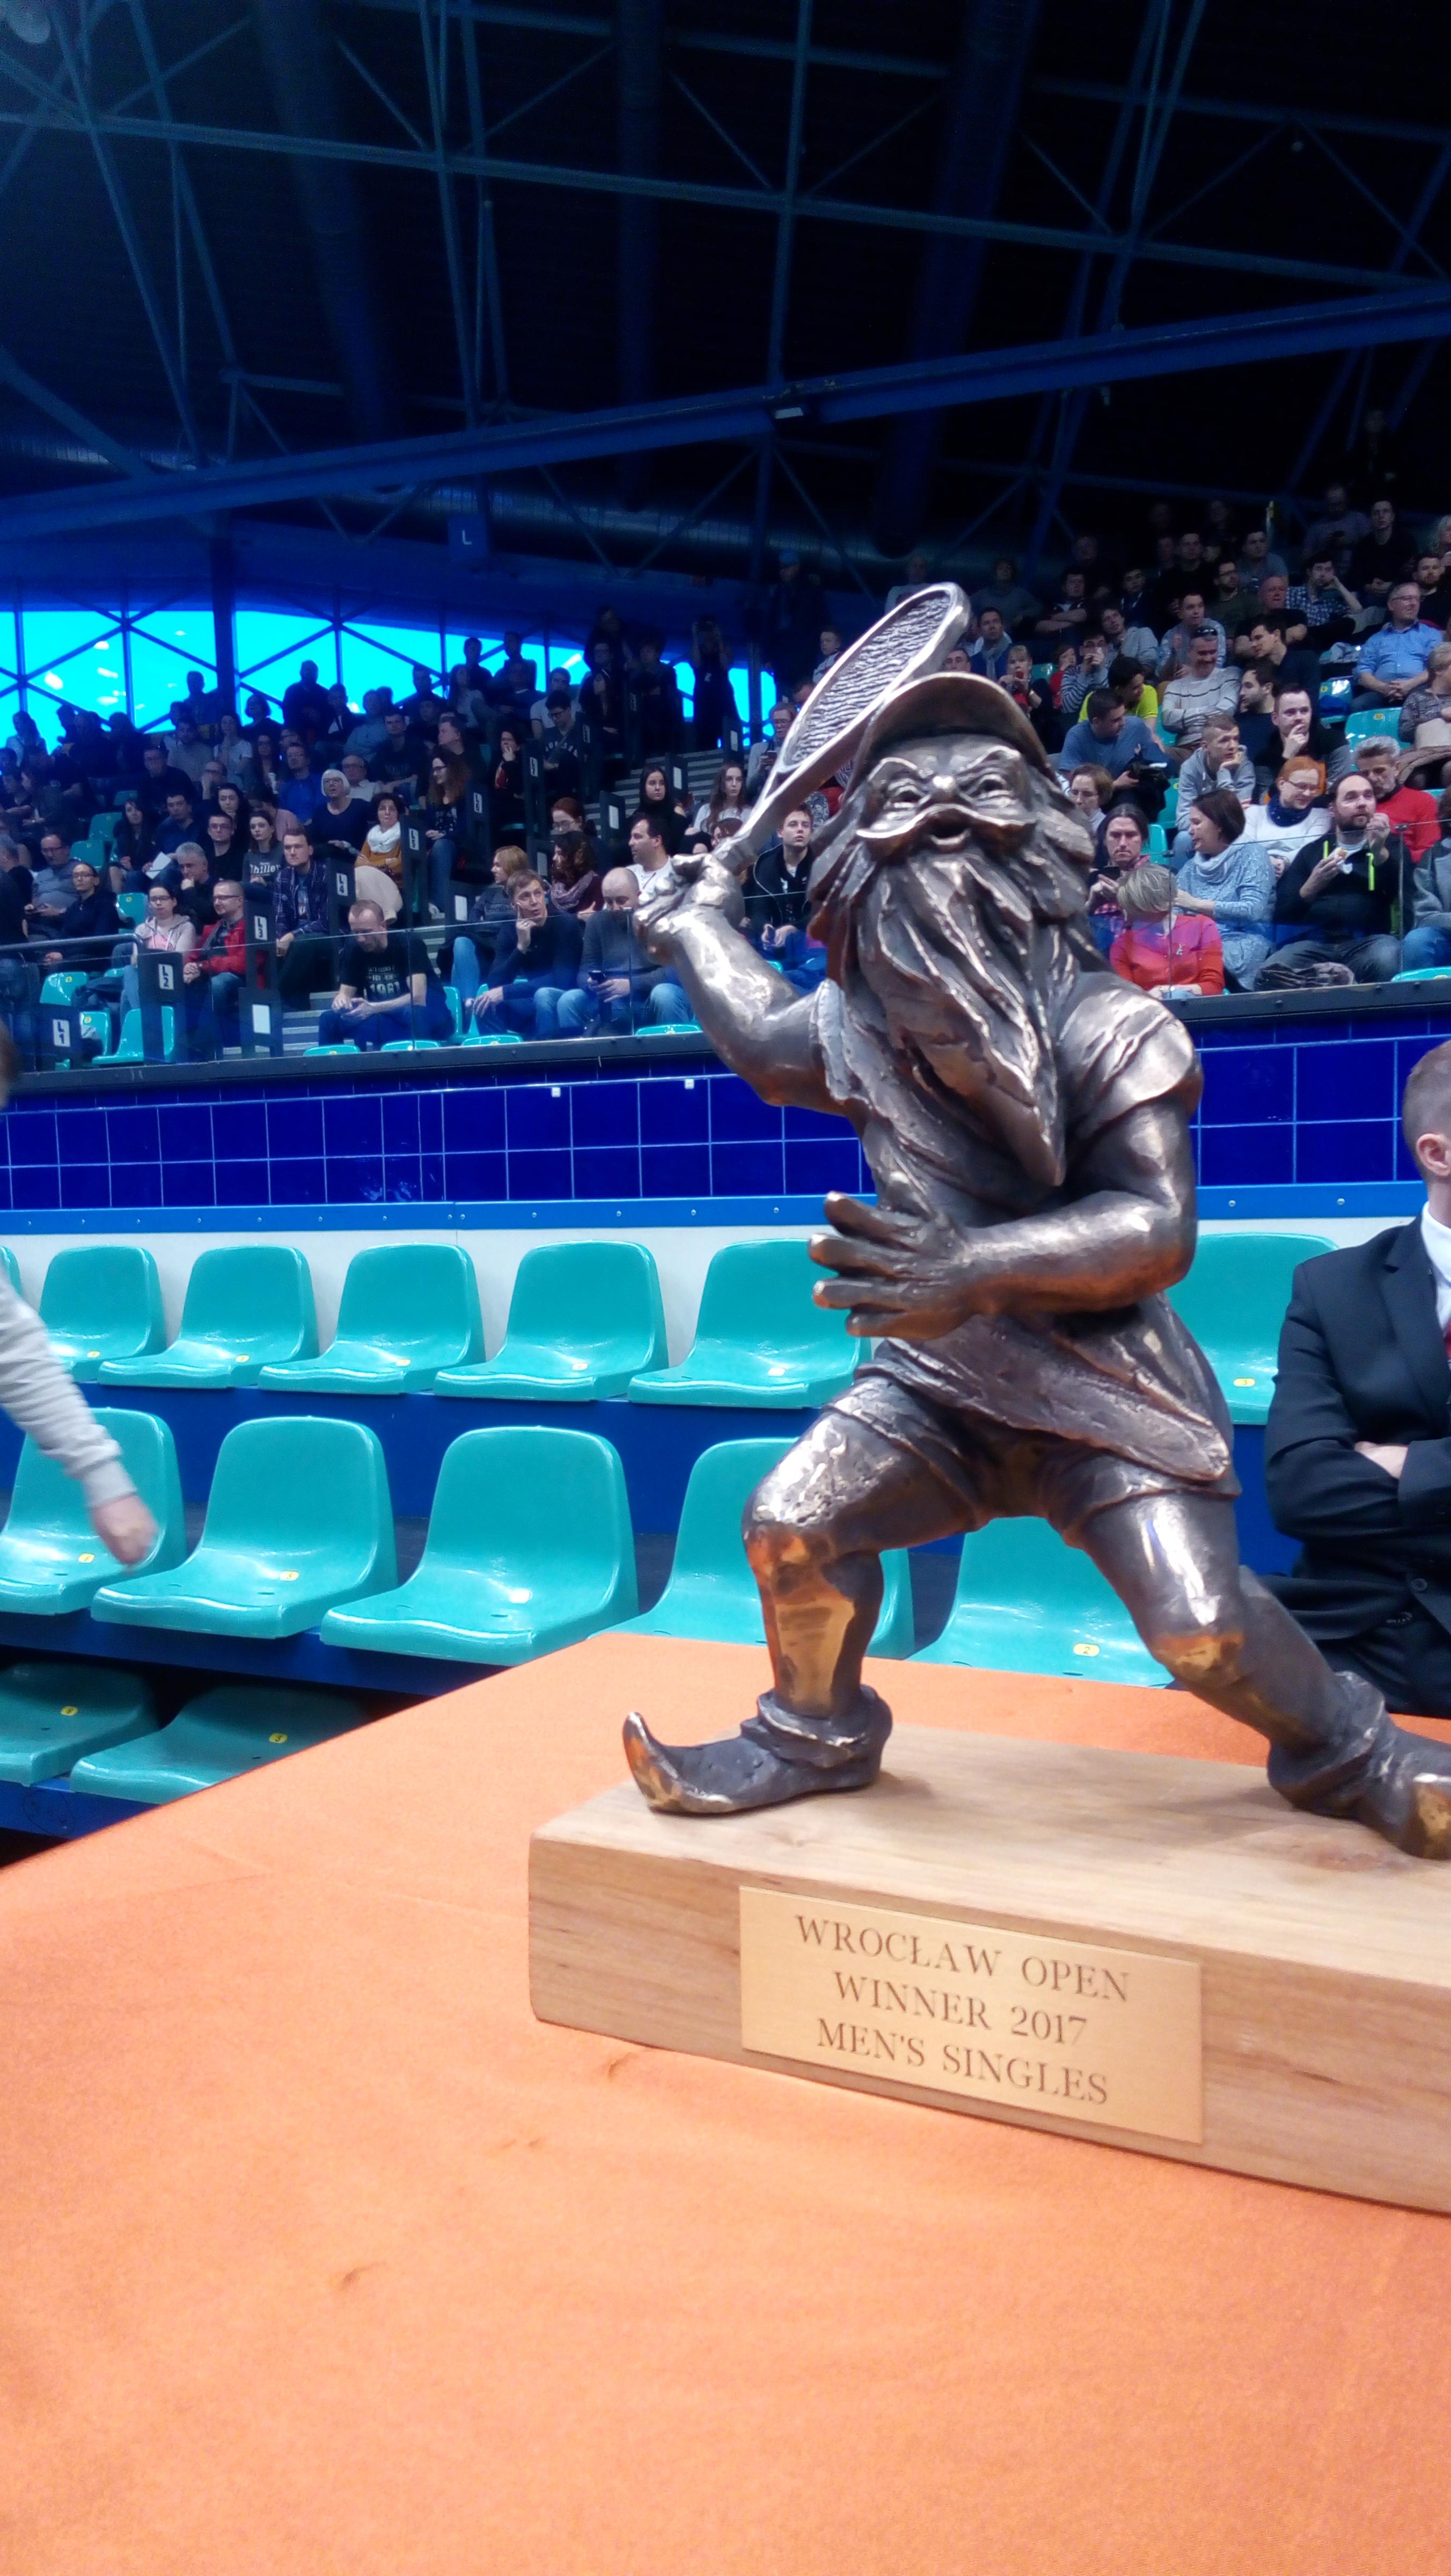 5 березня у Вроцлаві відбудеться фінал тенісного турніру Wrocław Open